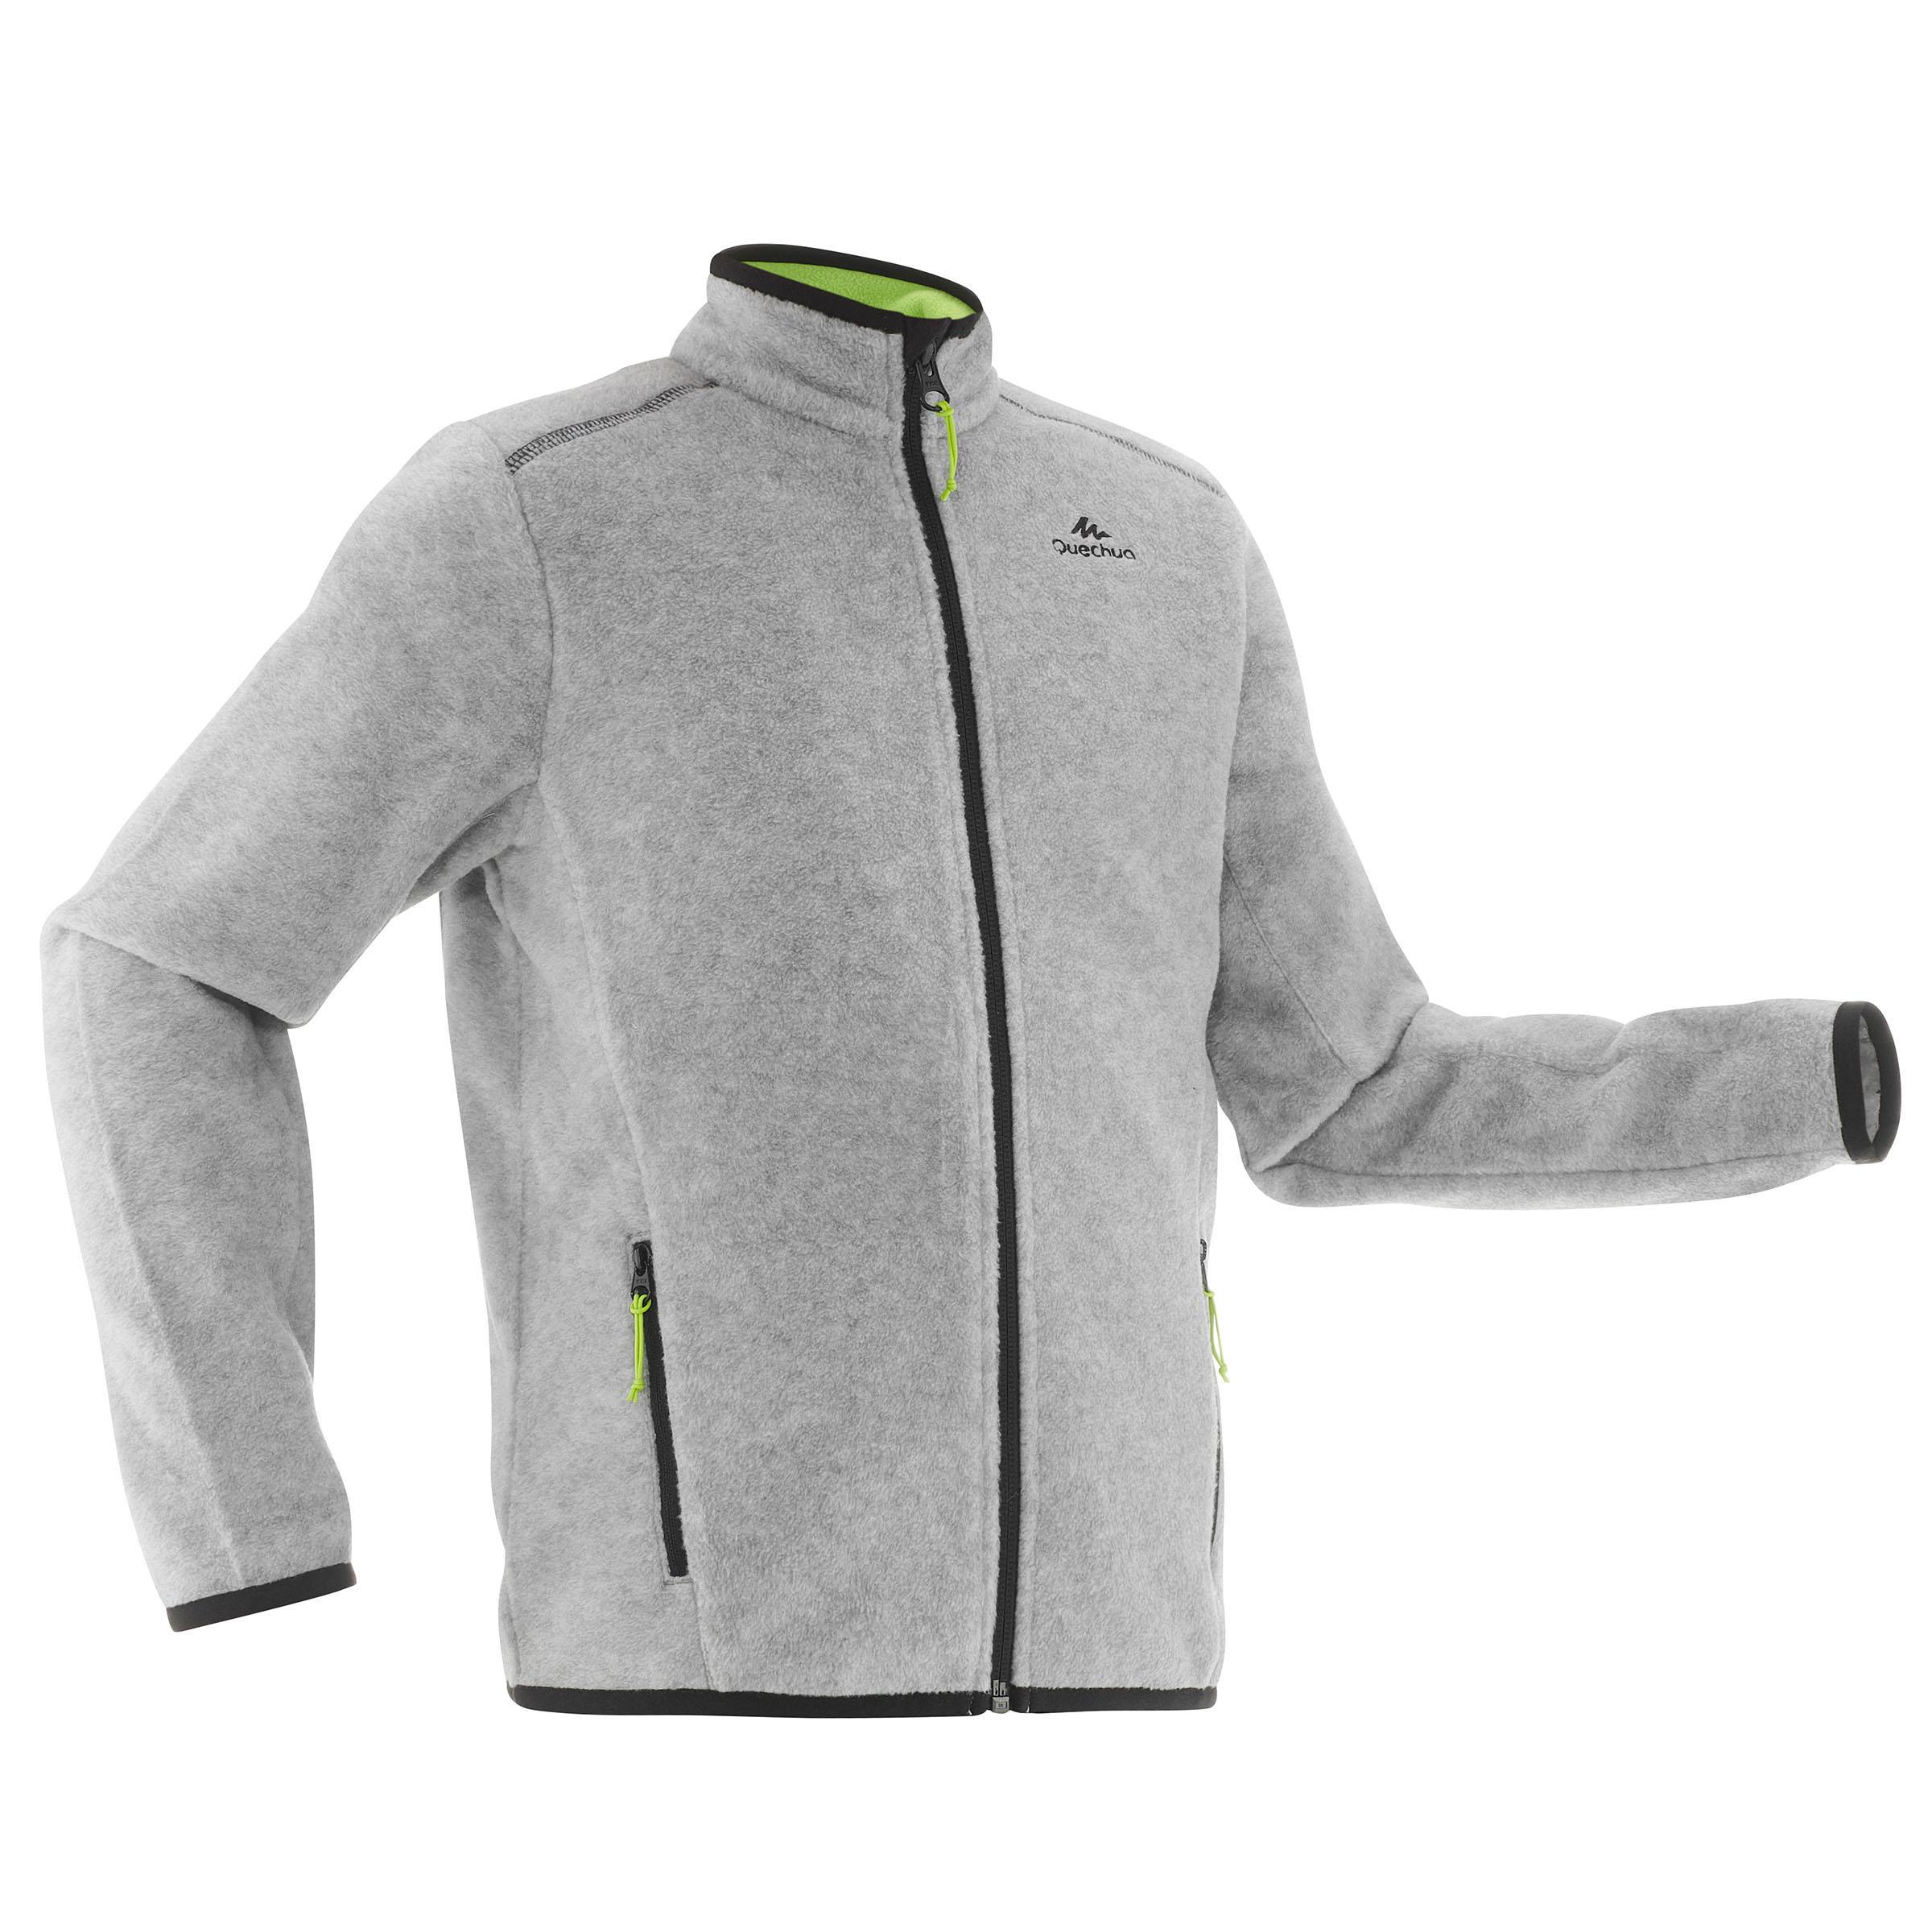 Veste polaire de randonnée enfant MH150 grise